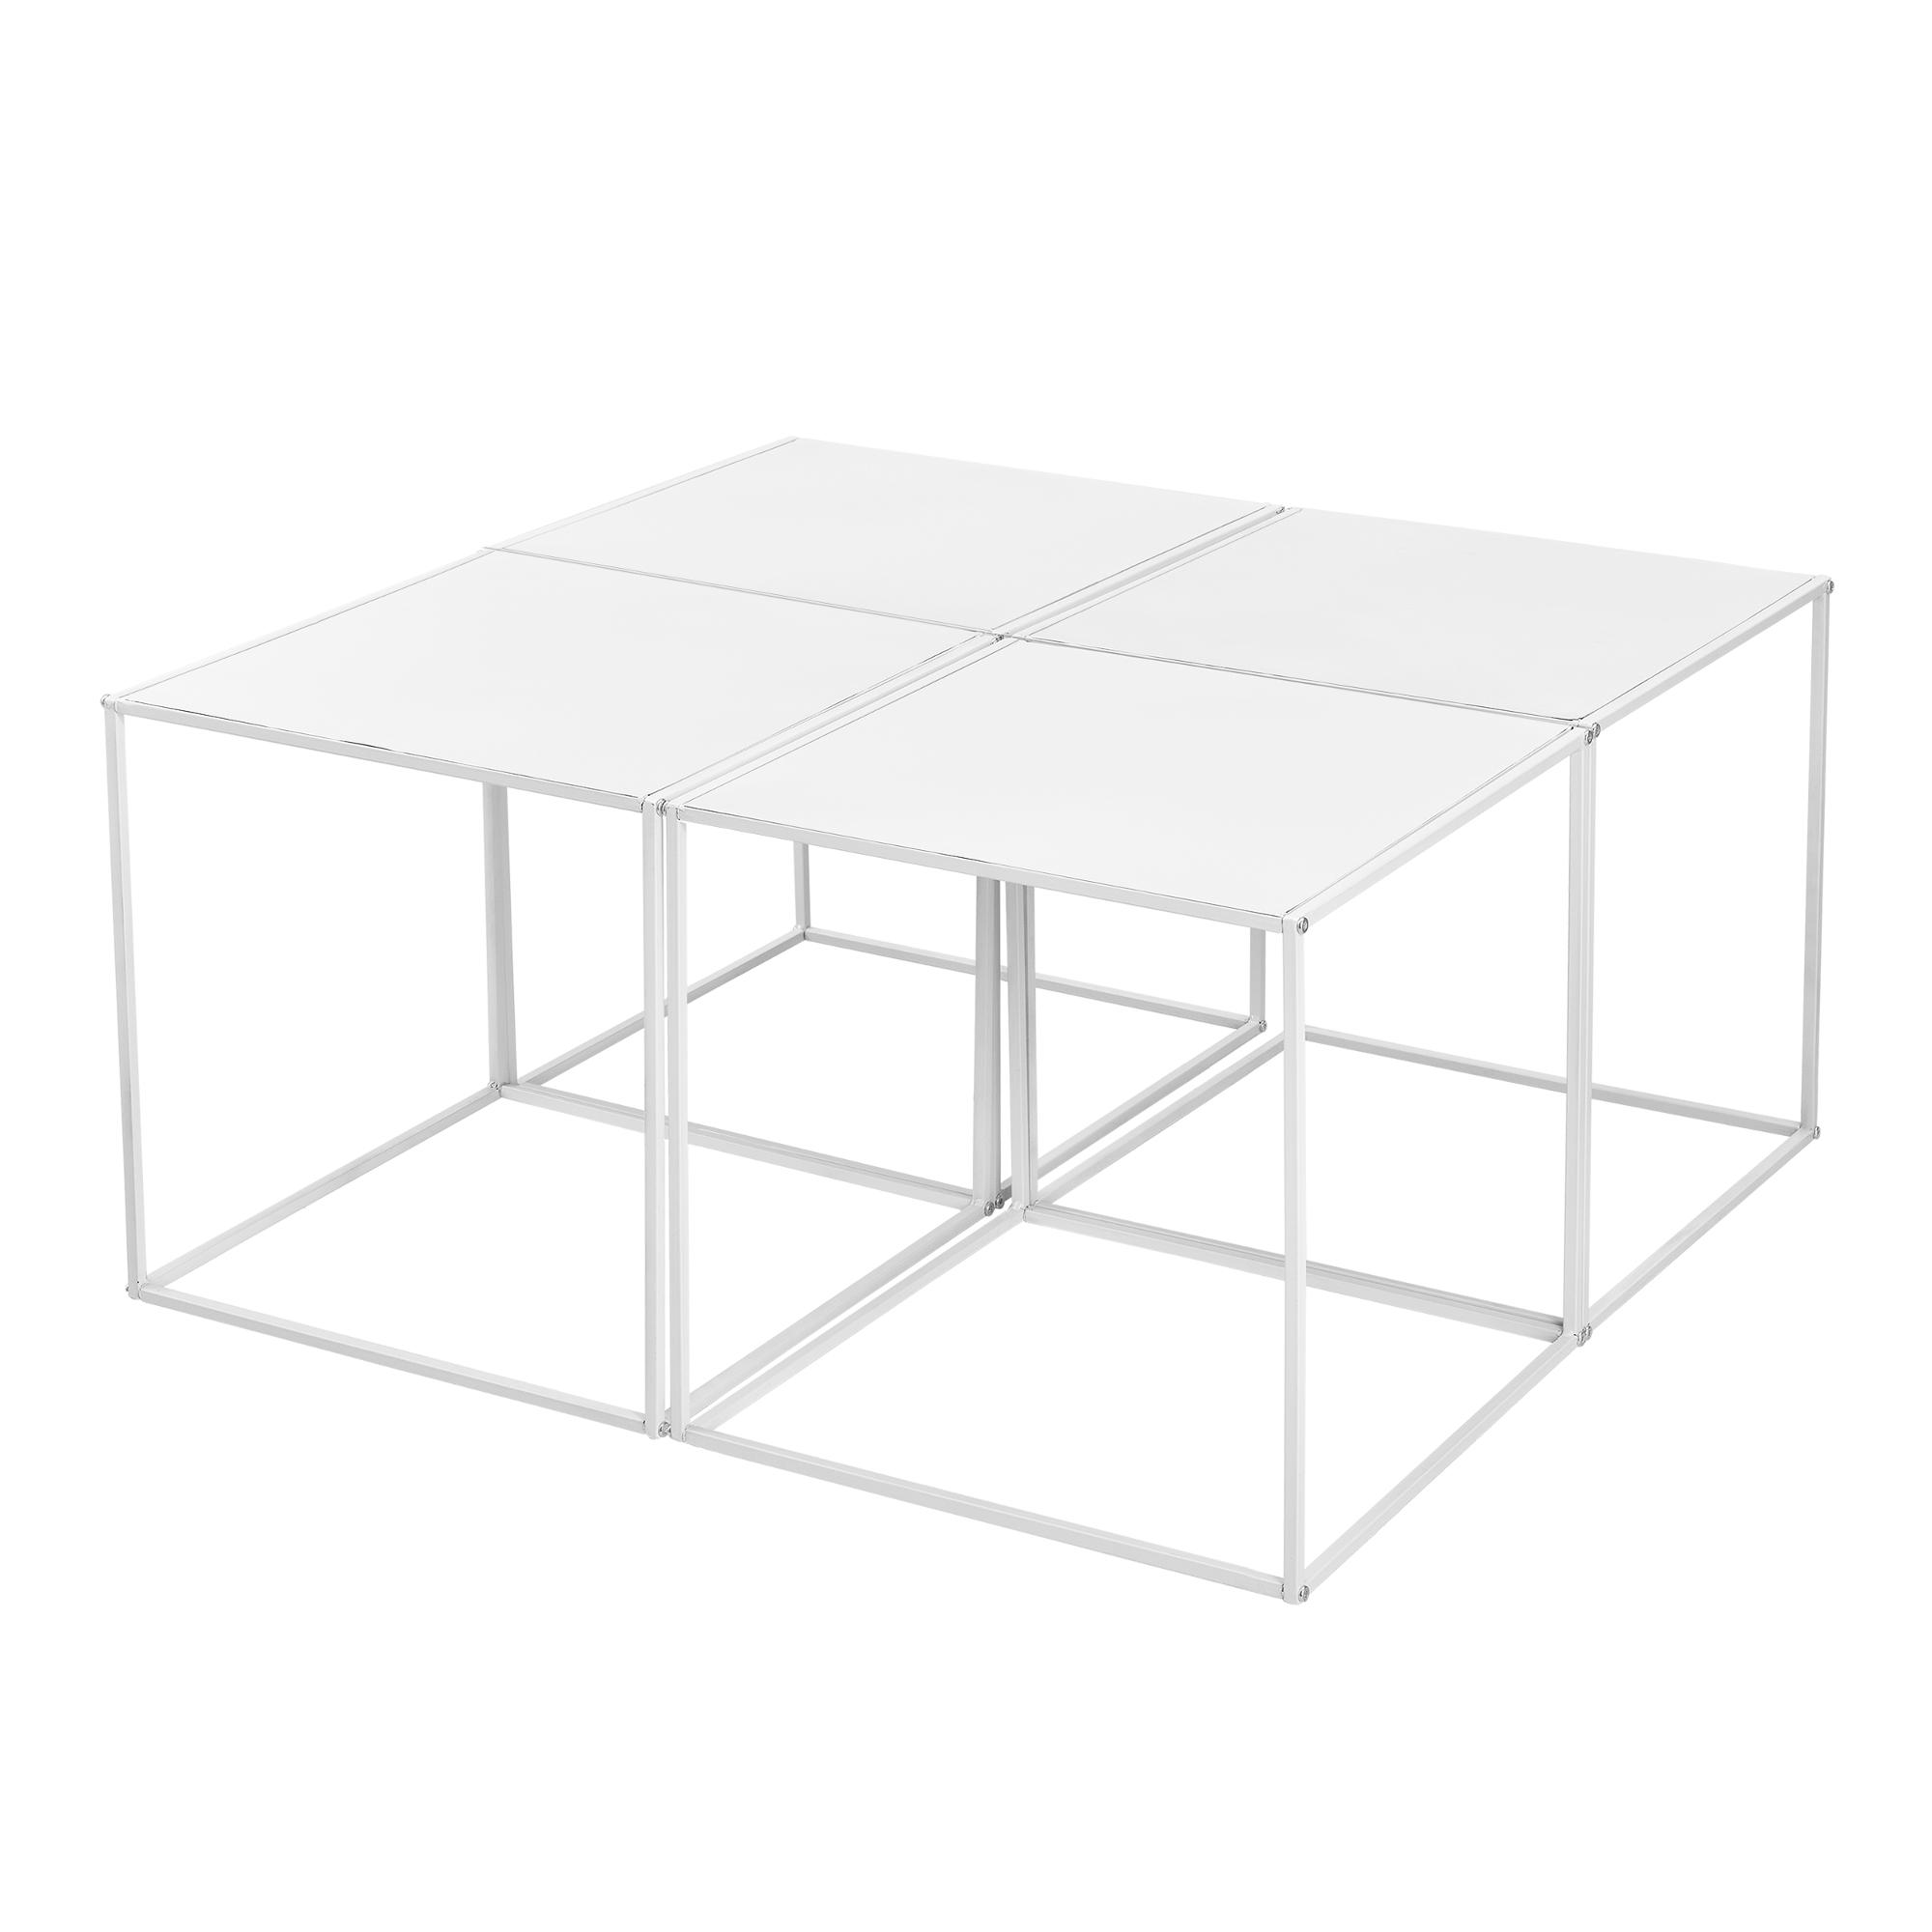 4x couchtisch beistelltisch wohnzimmertisch tisch kaffeetisch set wei ebay. Black Bedroom Furniture Sets. Home Design Ideas